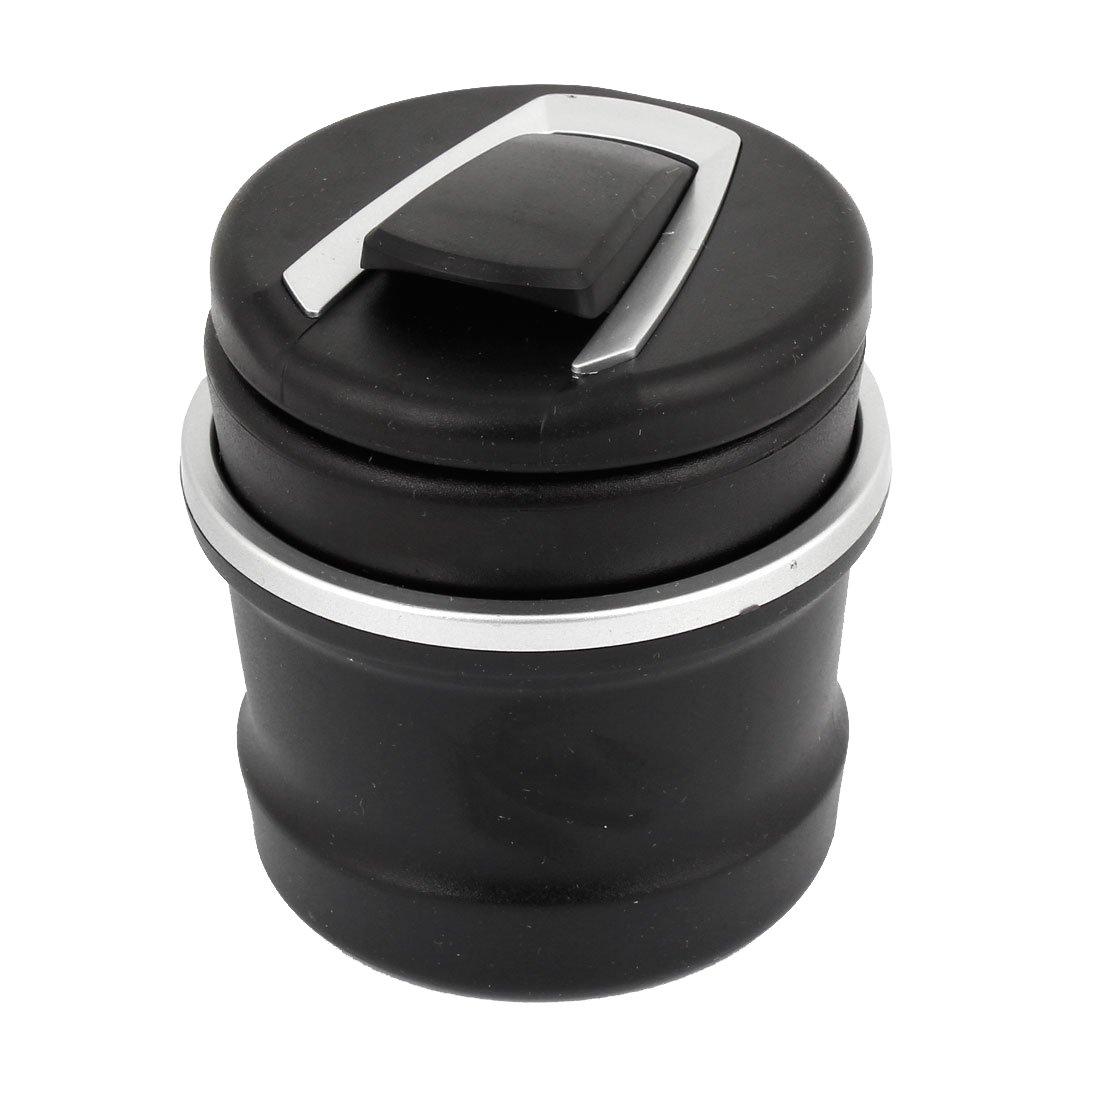 Posacenere - SODIAL(R) Posacenere in plastica nero con luce LED blu